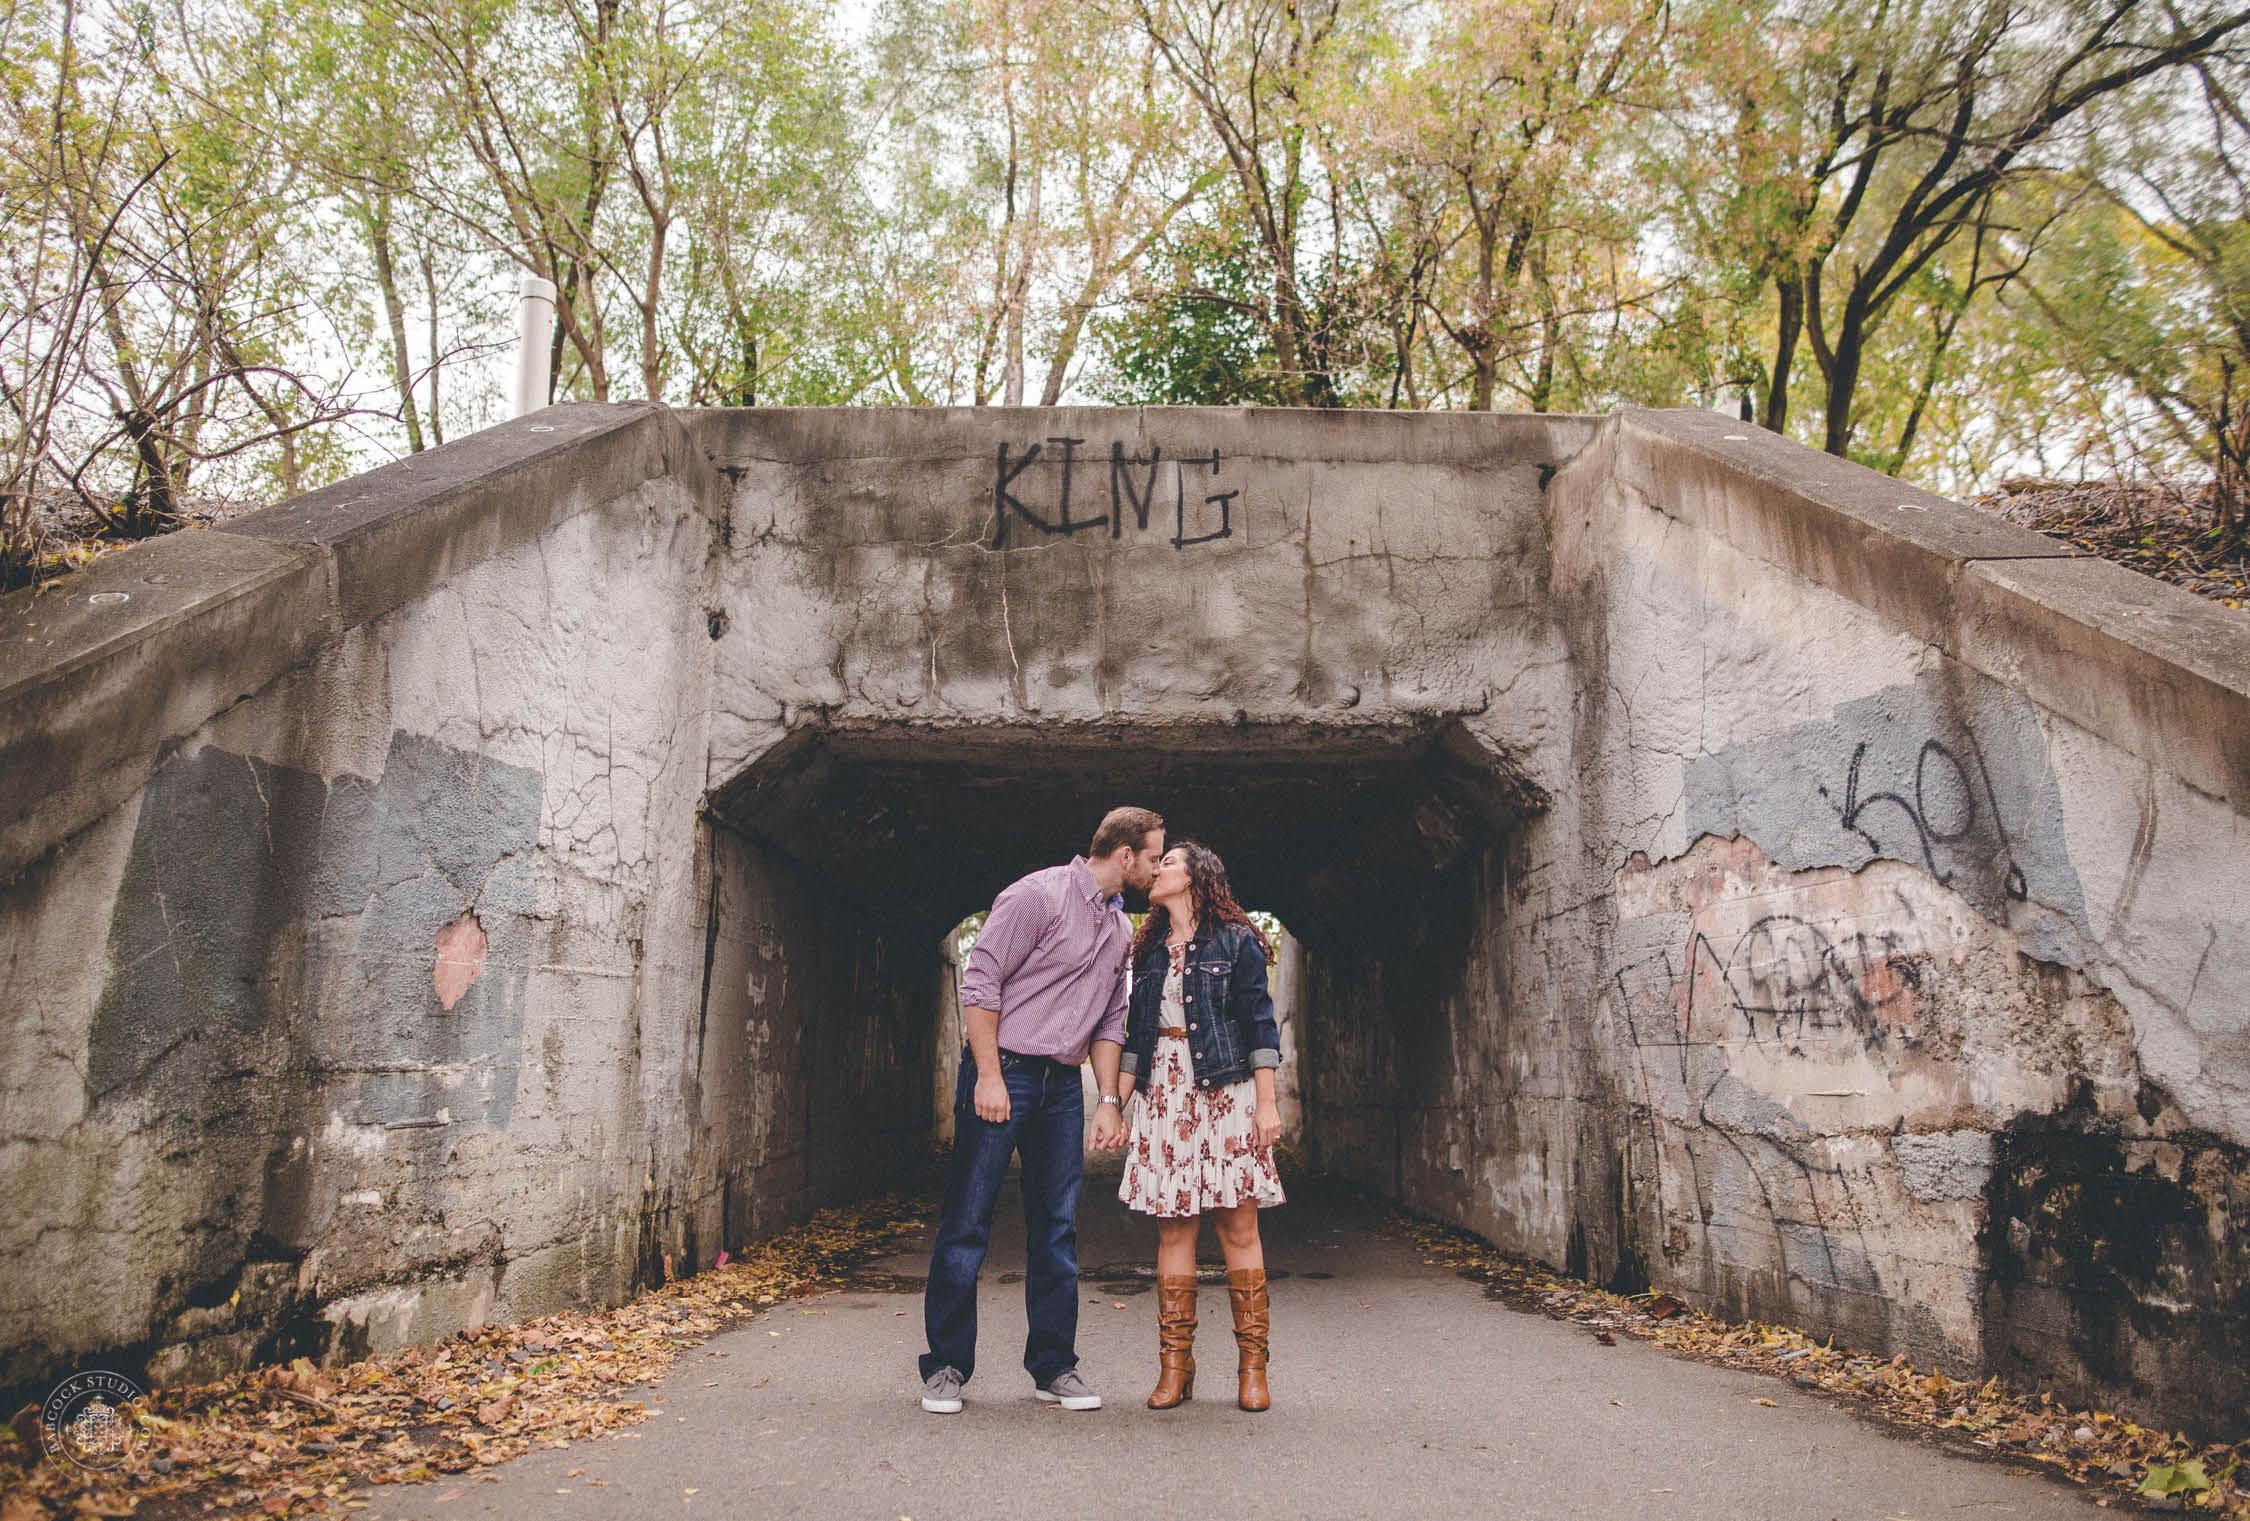 makayla-paul-engagement-photographer-dayton-ohio-2.jpg